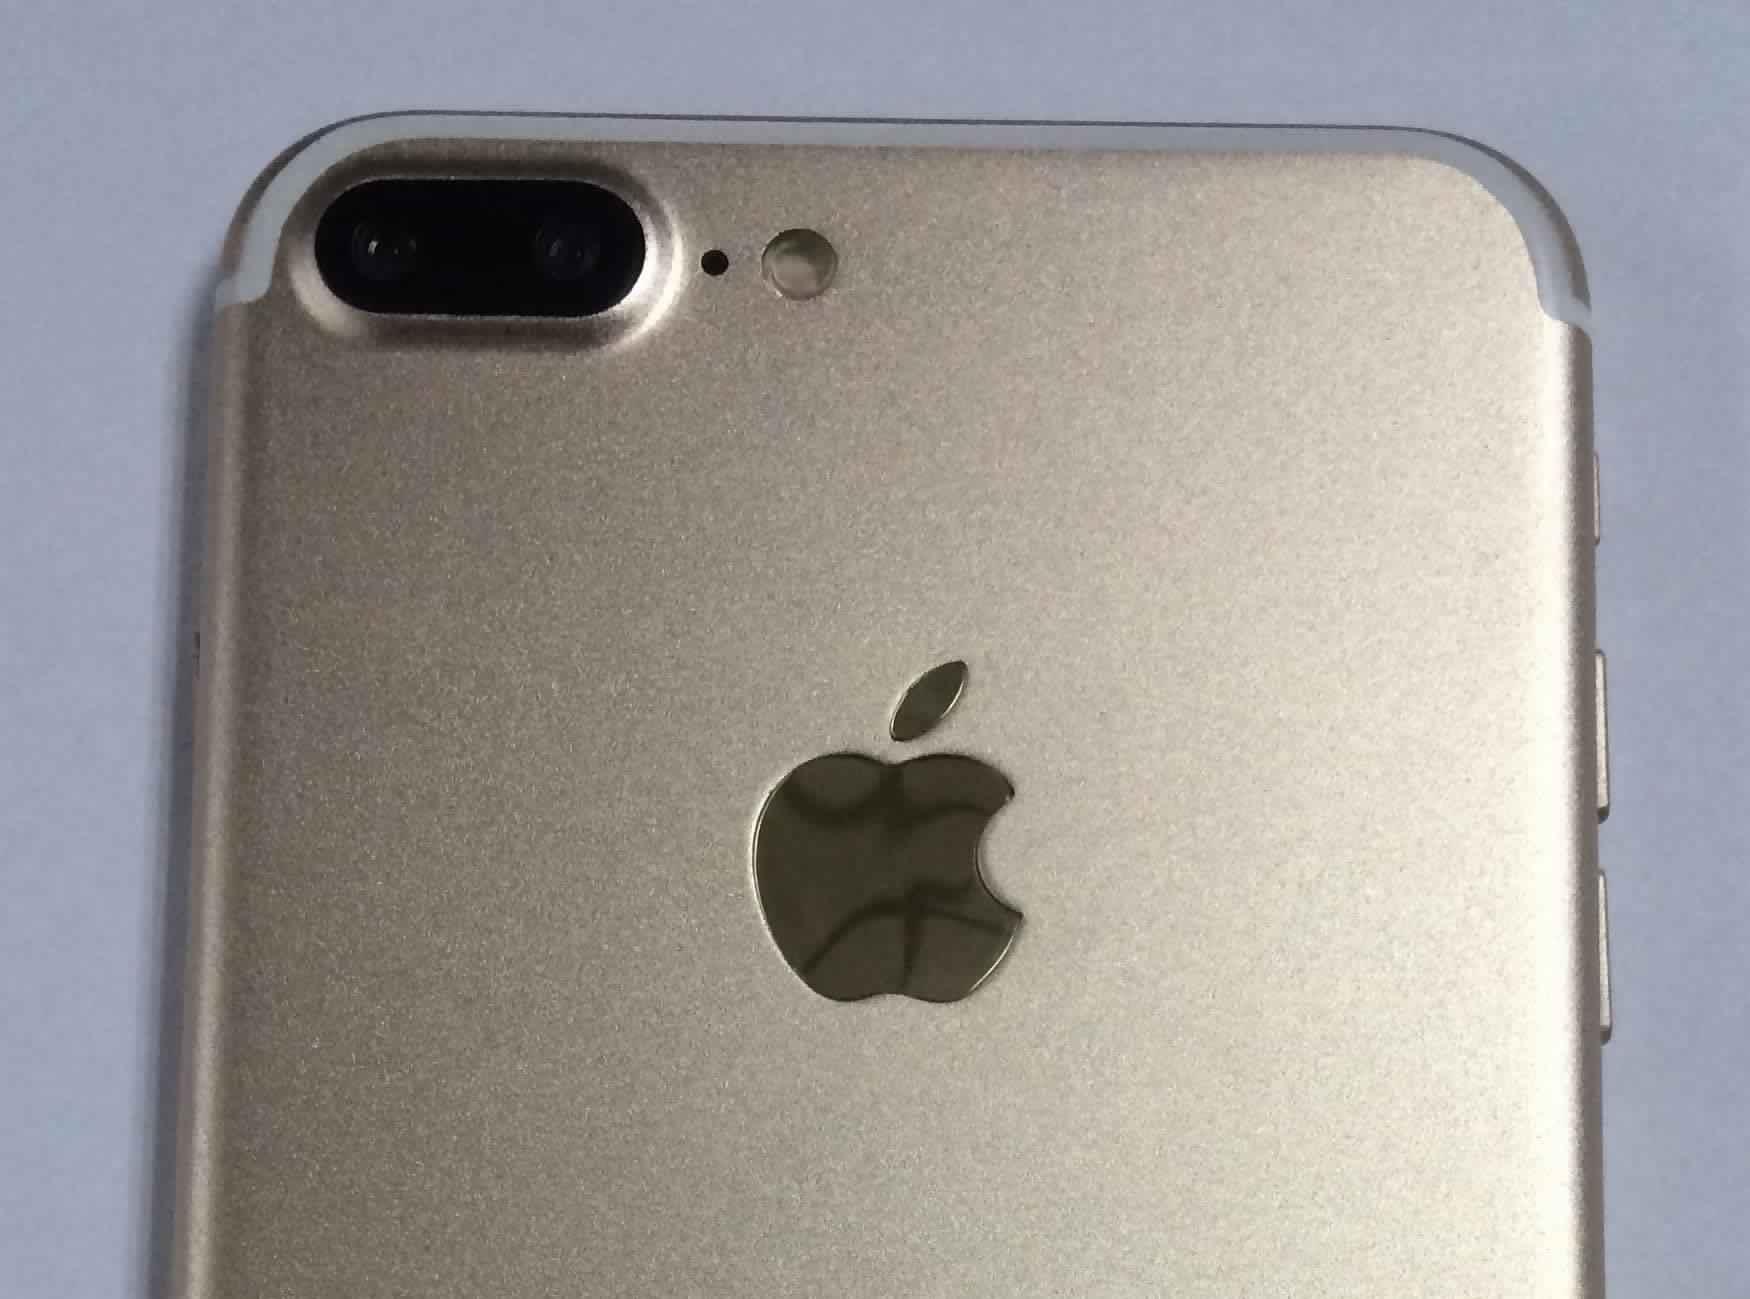 كاميرا iPhone 7 Plus المقربة | بوابة الموبايلات